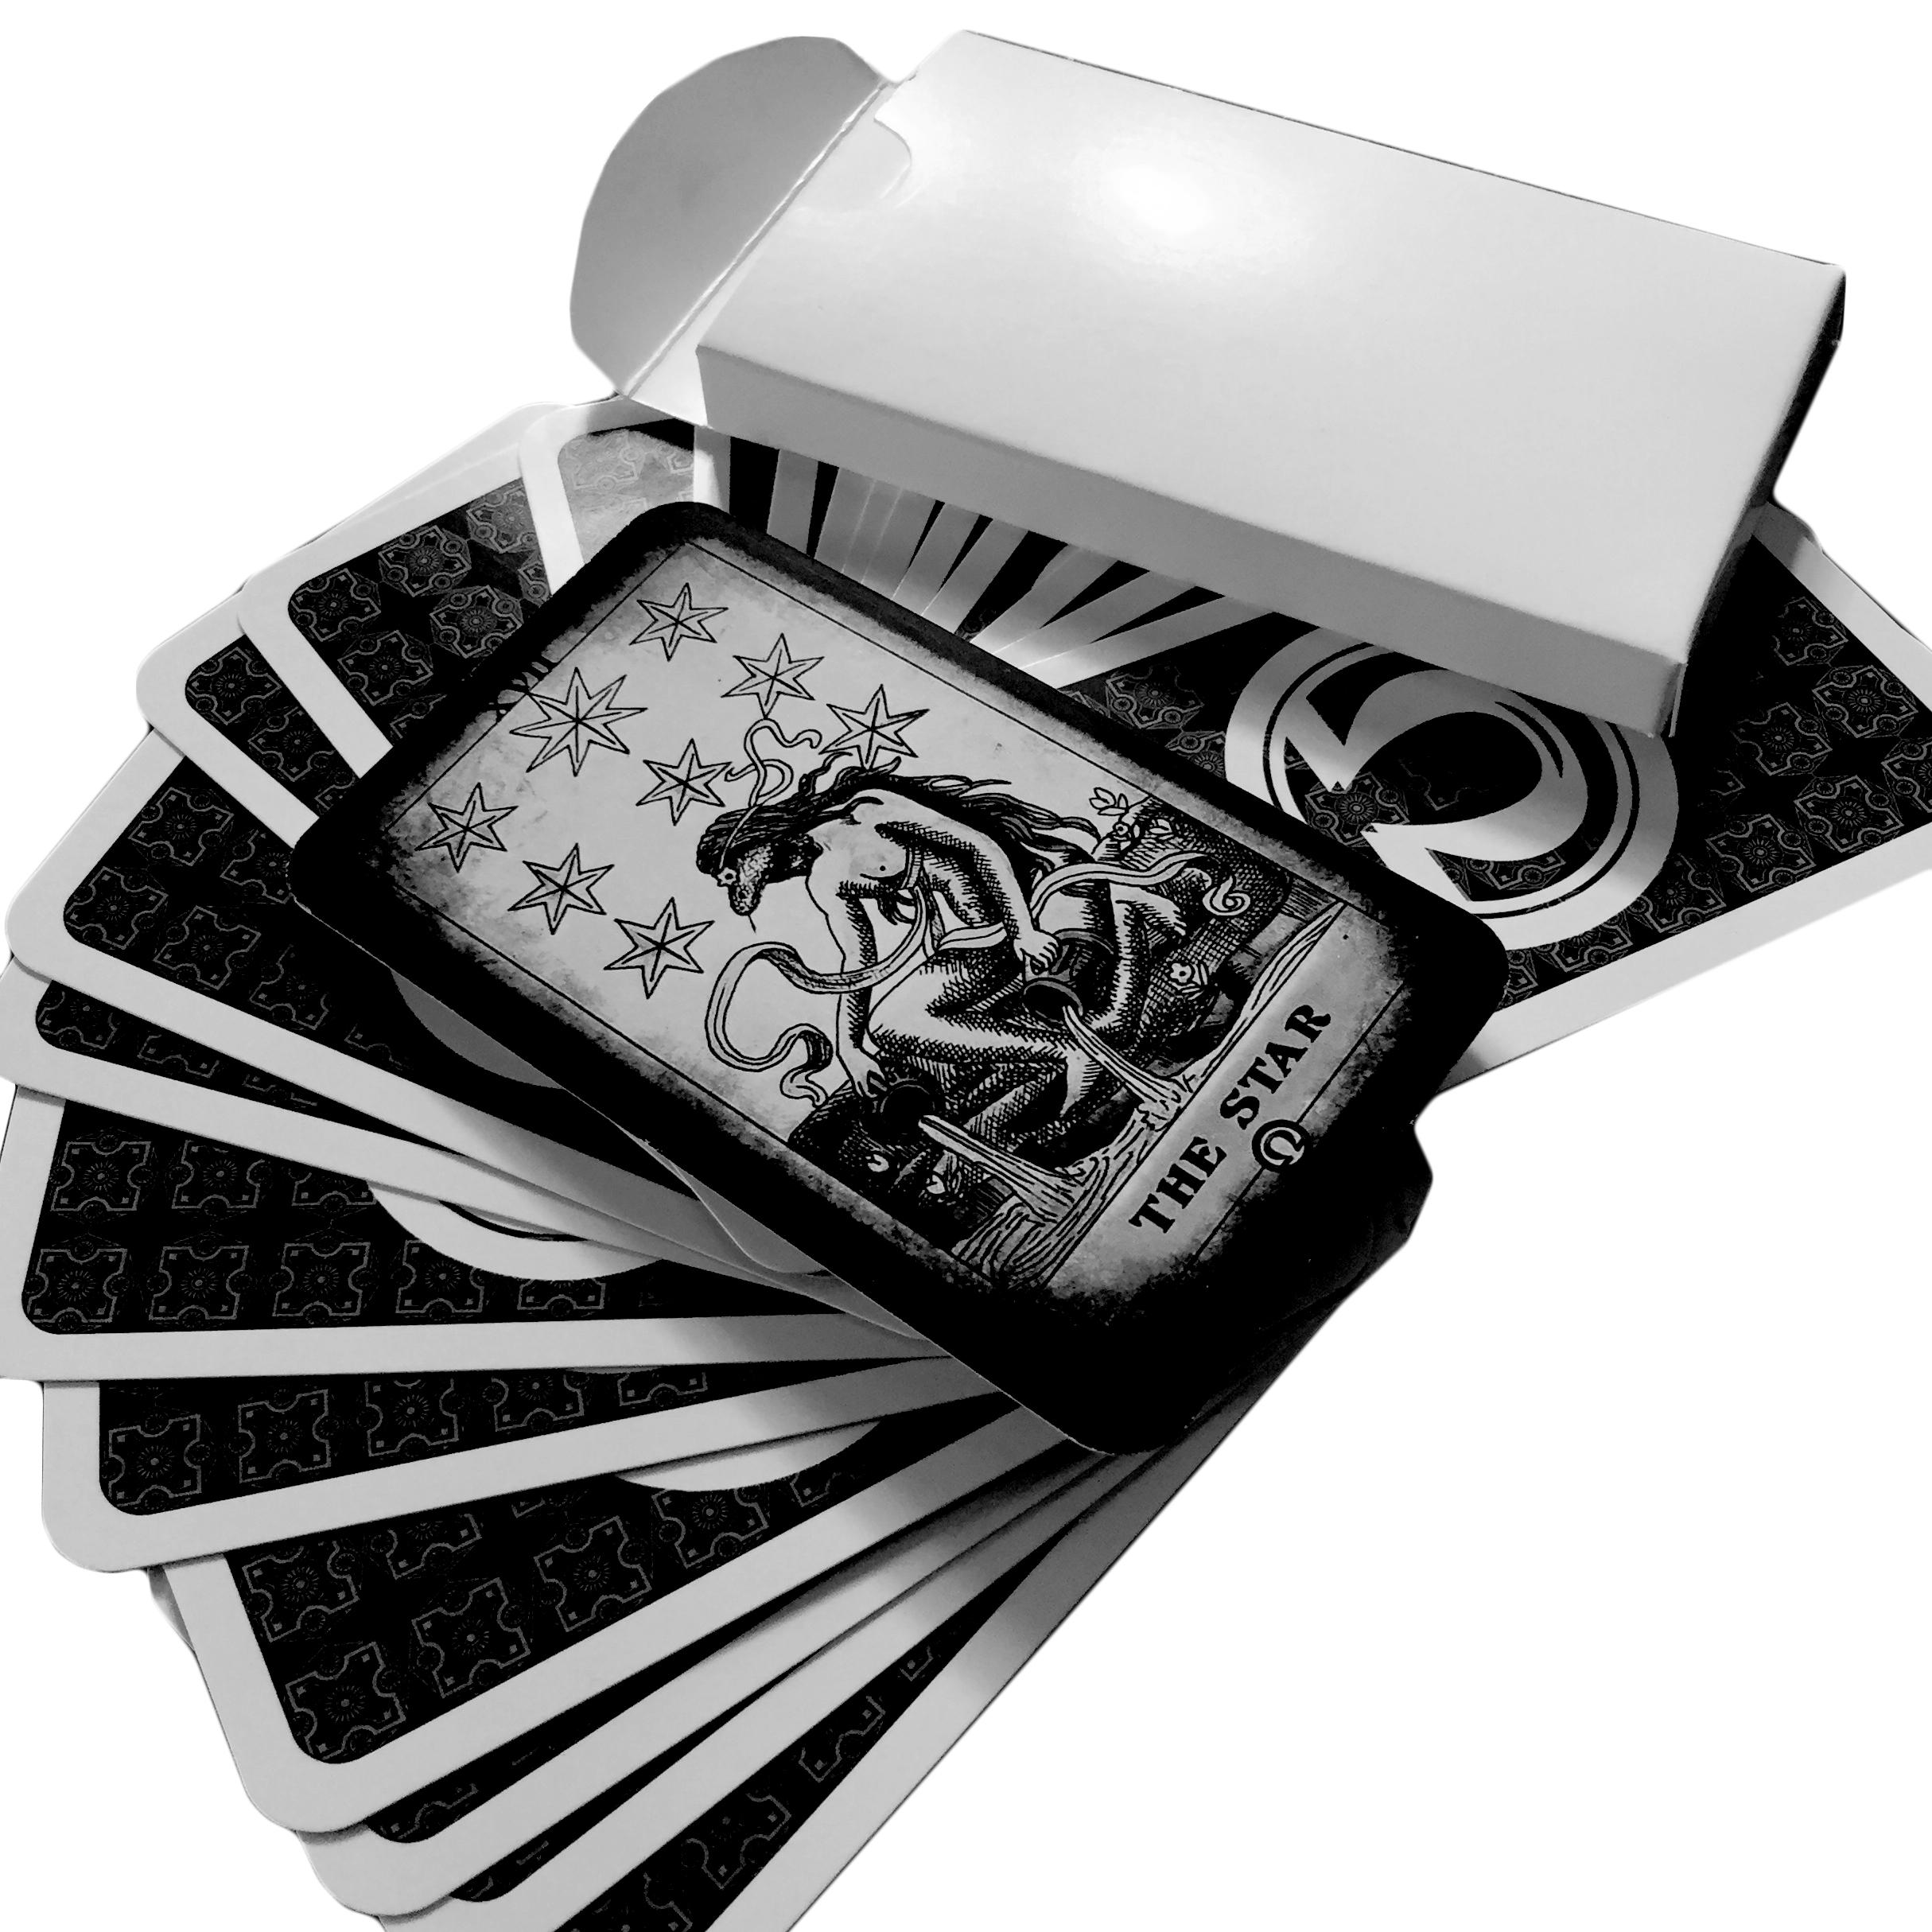 OHHMS - Tarot Cards (22 card set)